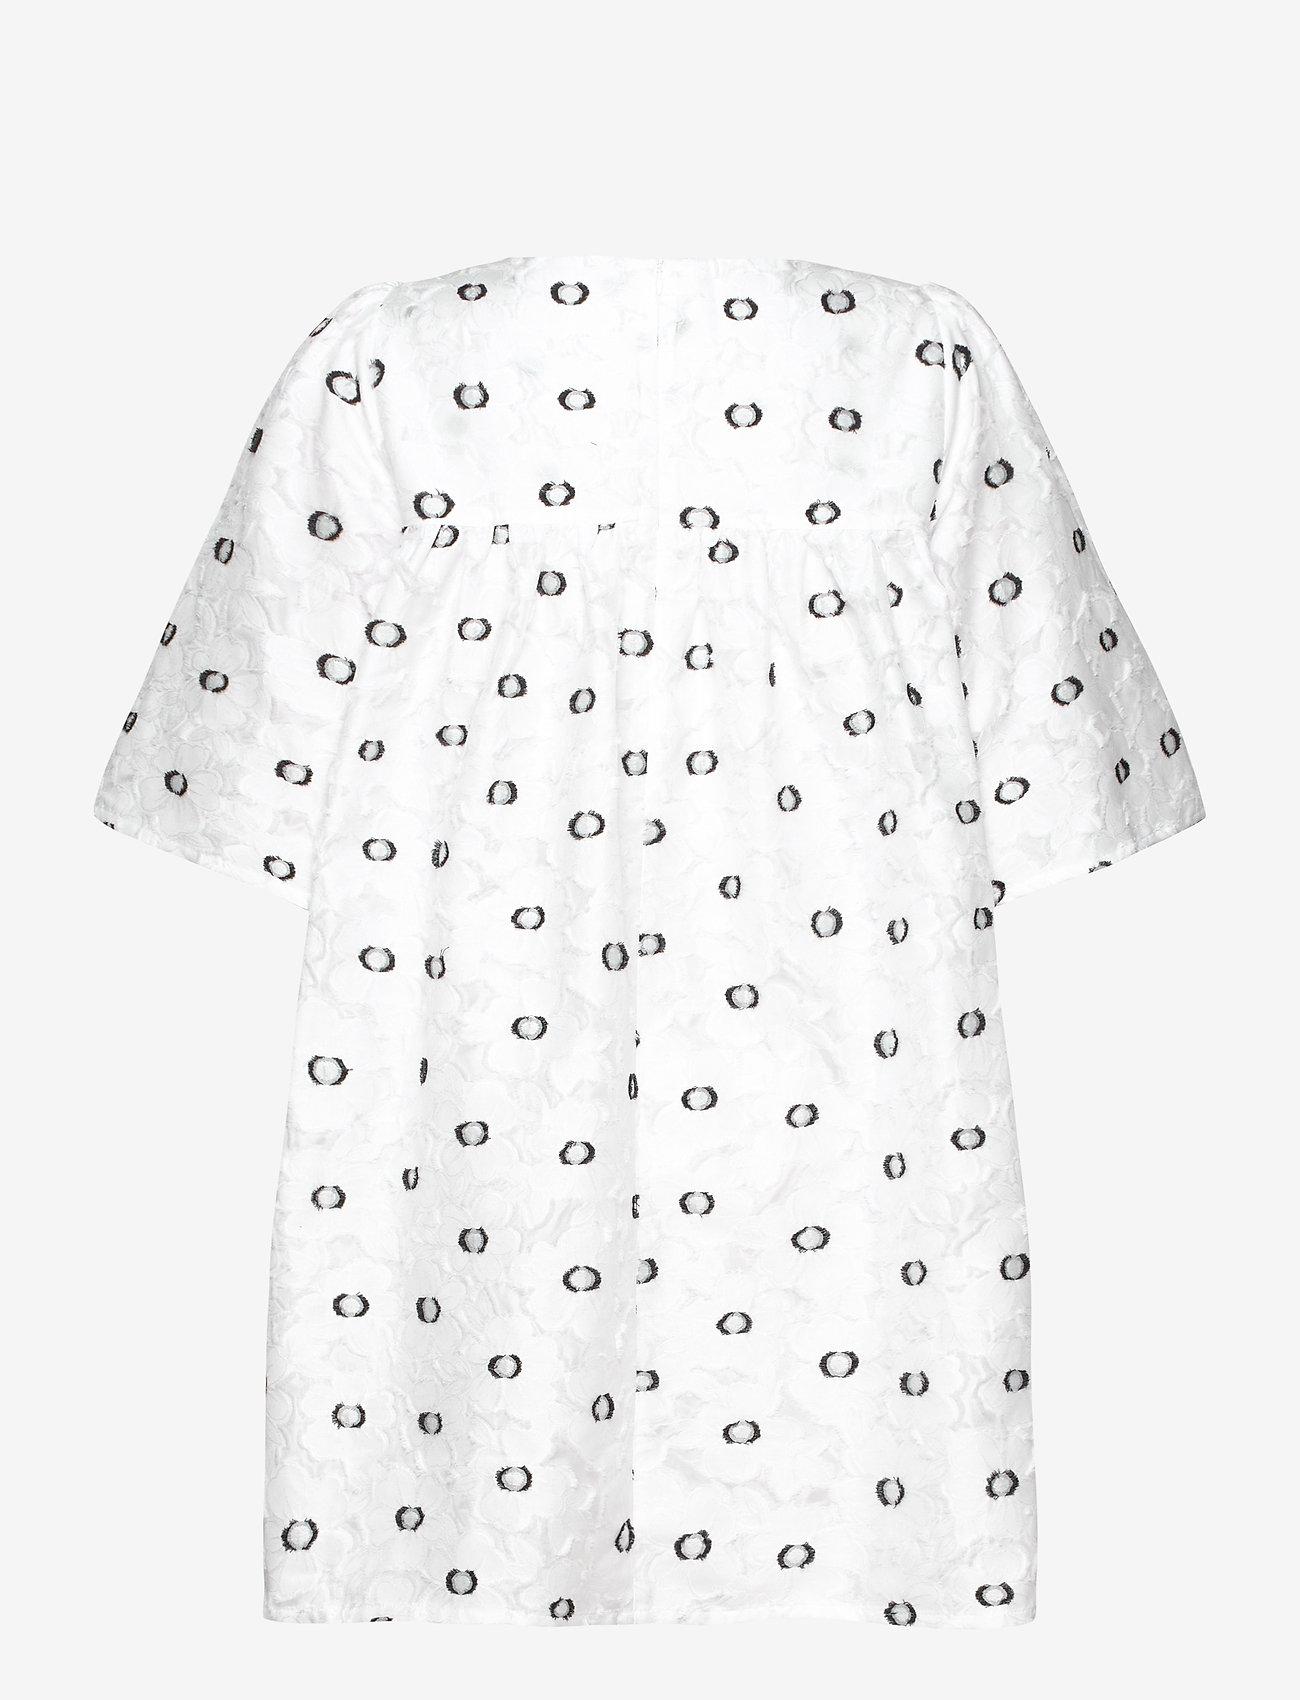 Clio Dress (White) (335 €) - Lovechild 1979 WNJ5ki5G